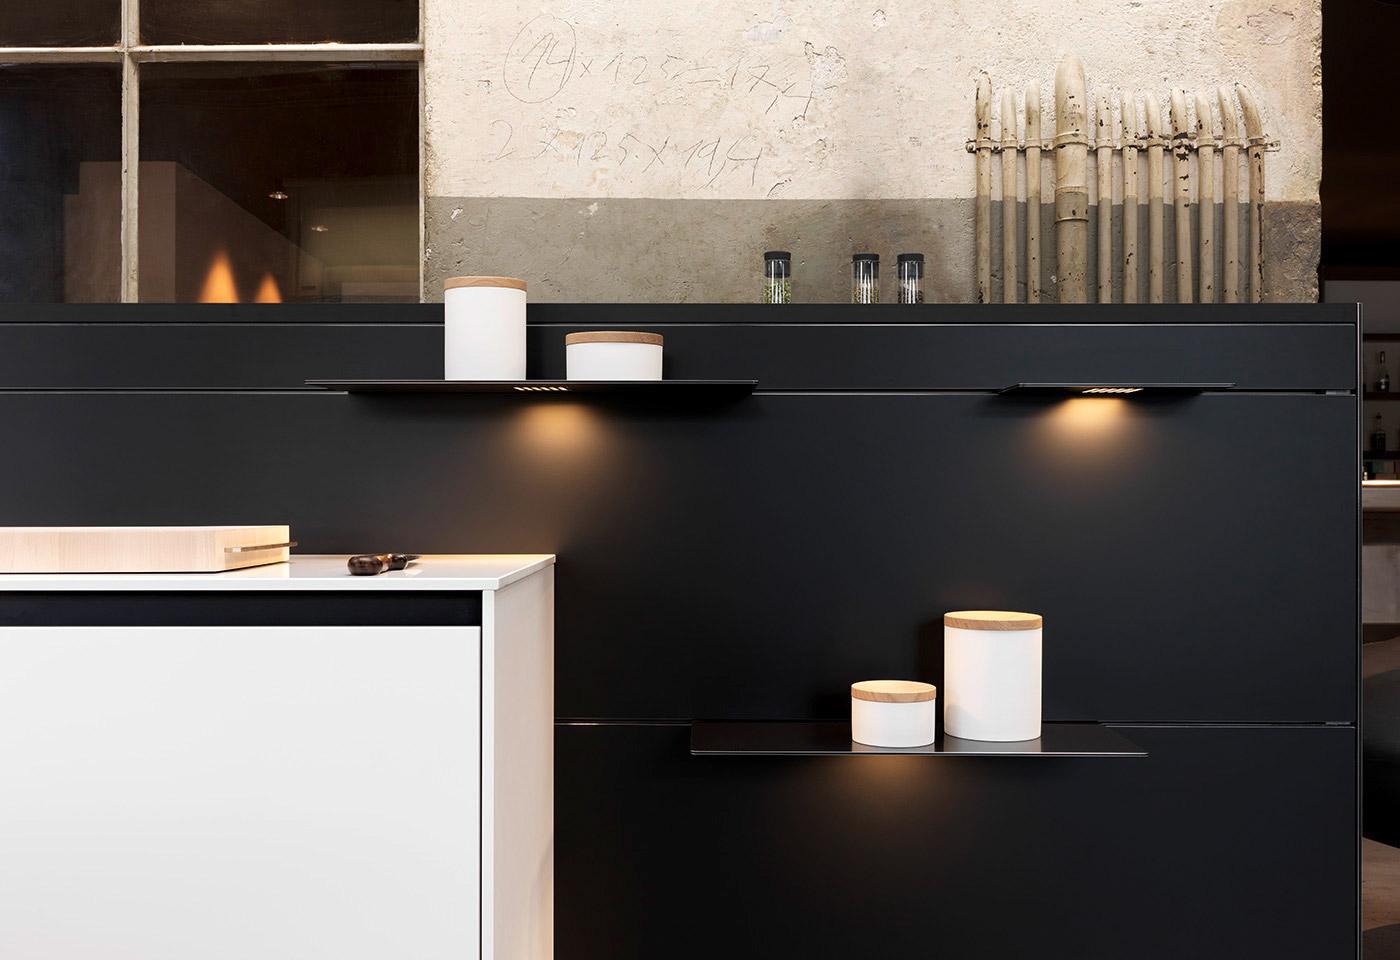 Die neuartige Aluminium-Rückwand bietet Porzellan-Behälter, Gewürzgläser und Schnittbrett eine aussergewöhnliche Kulisse.